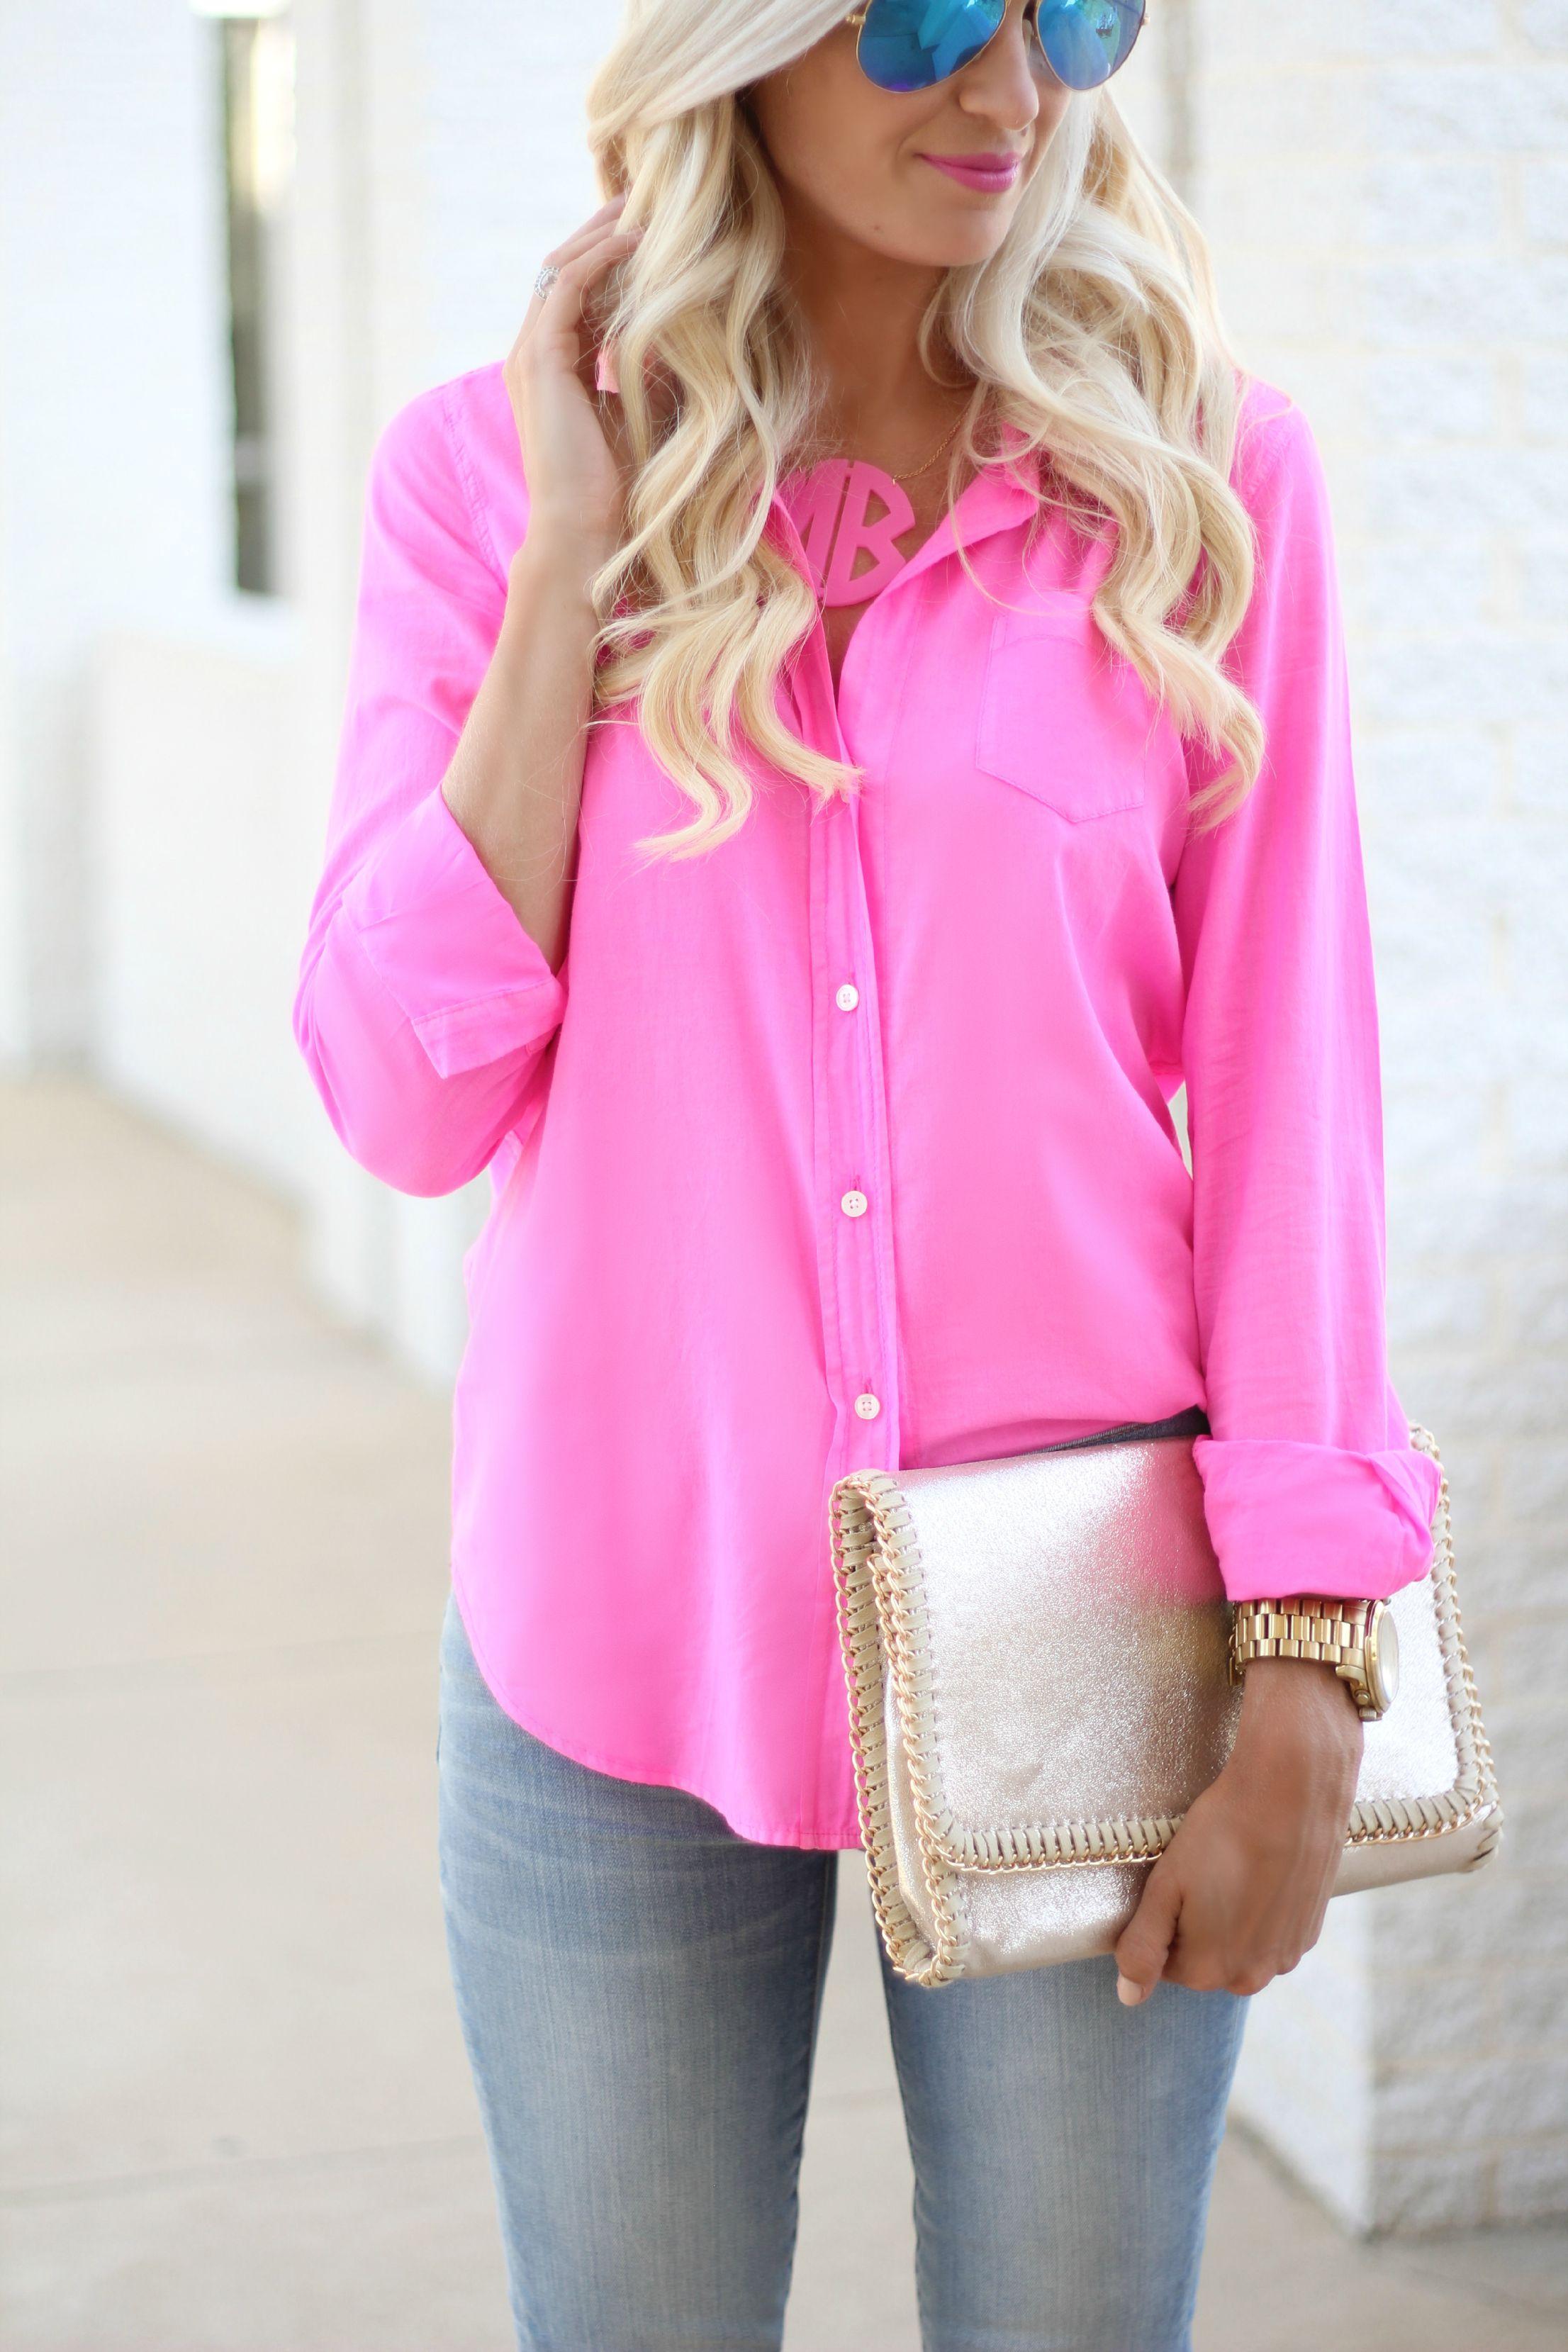 Hot Pink Button Down Shirt